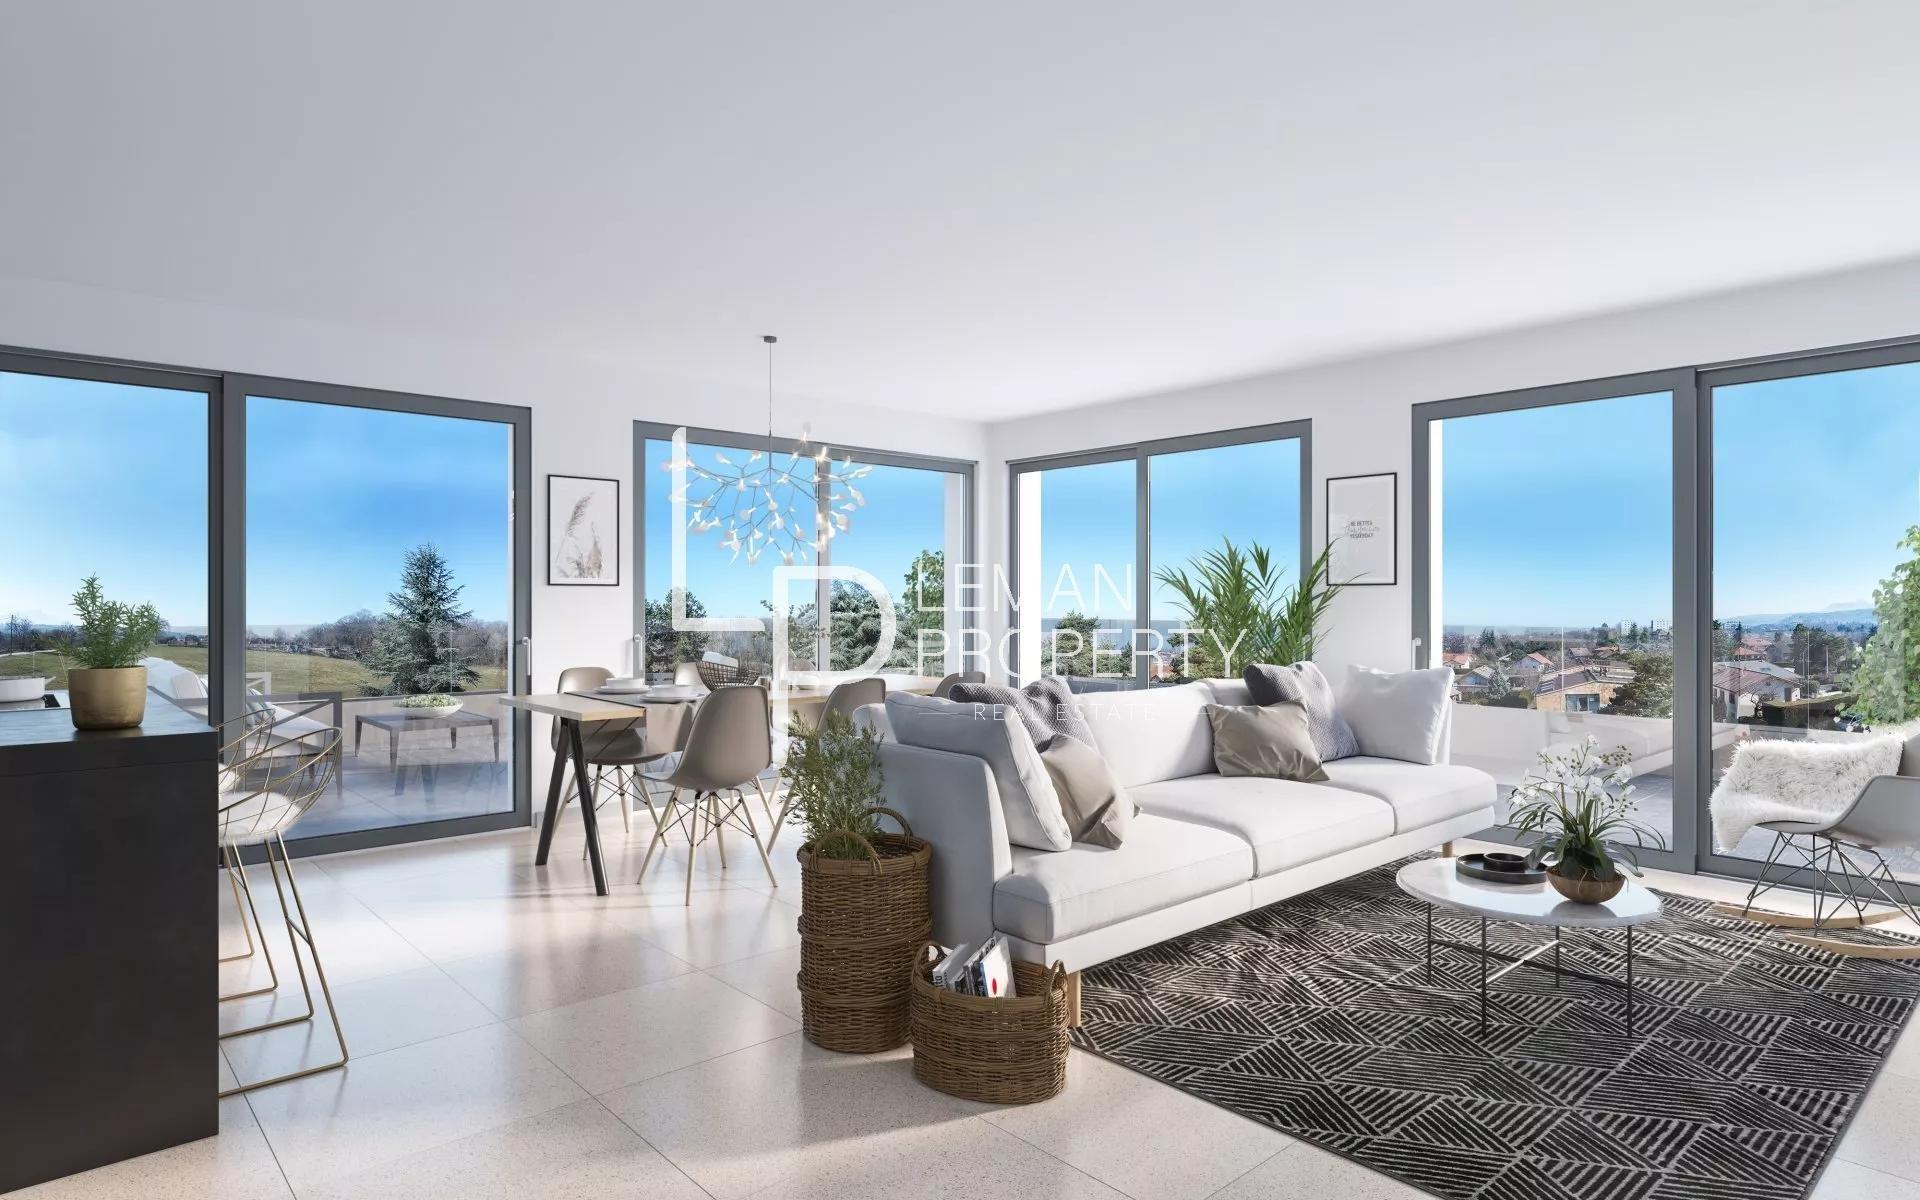 Vente de appartement à Thonon-les-Bains au prix de 310000€